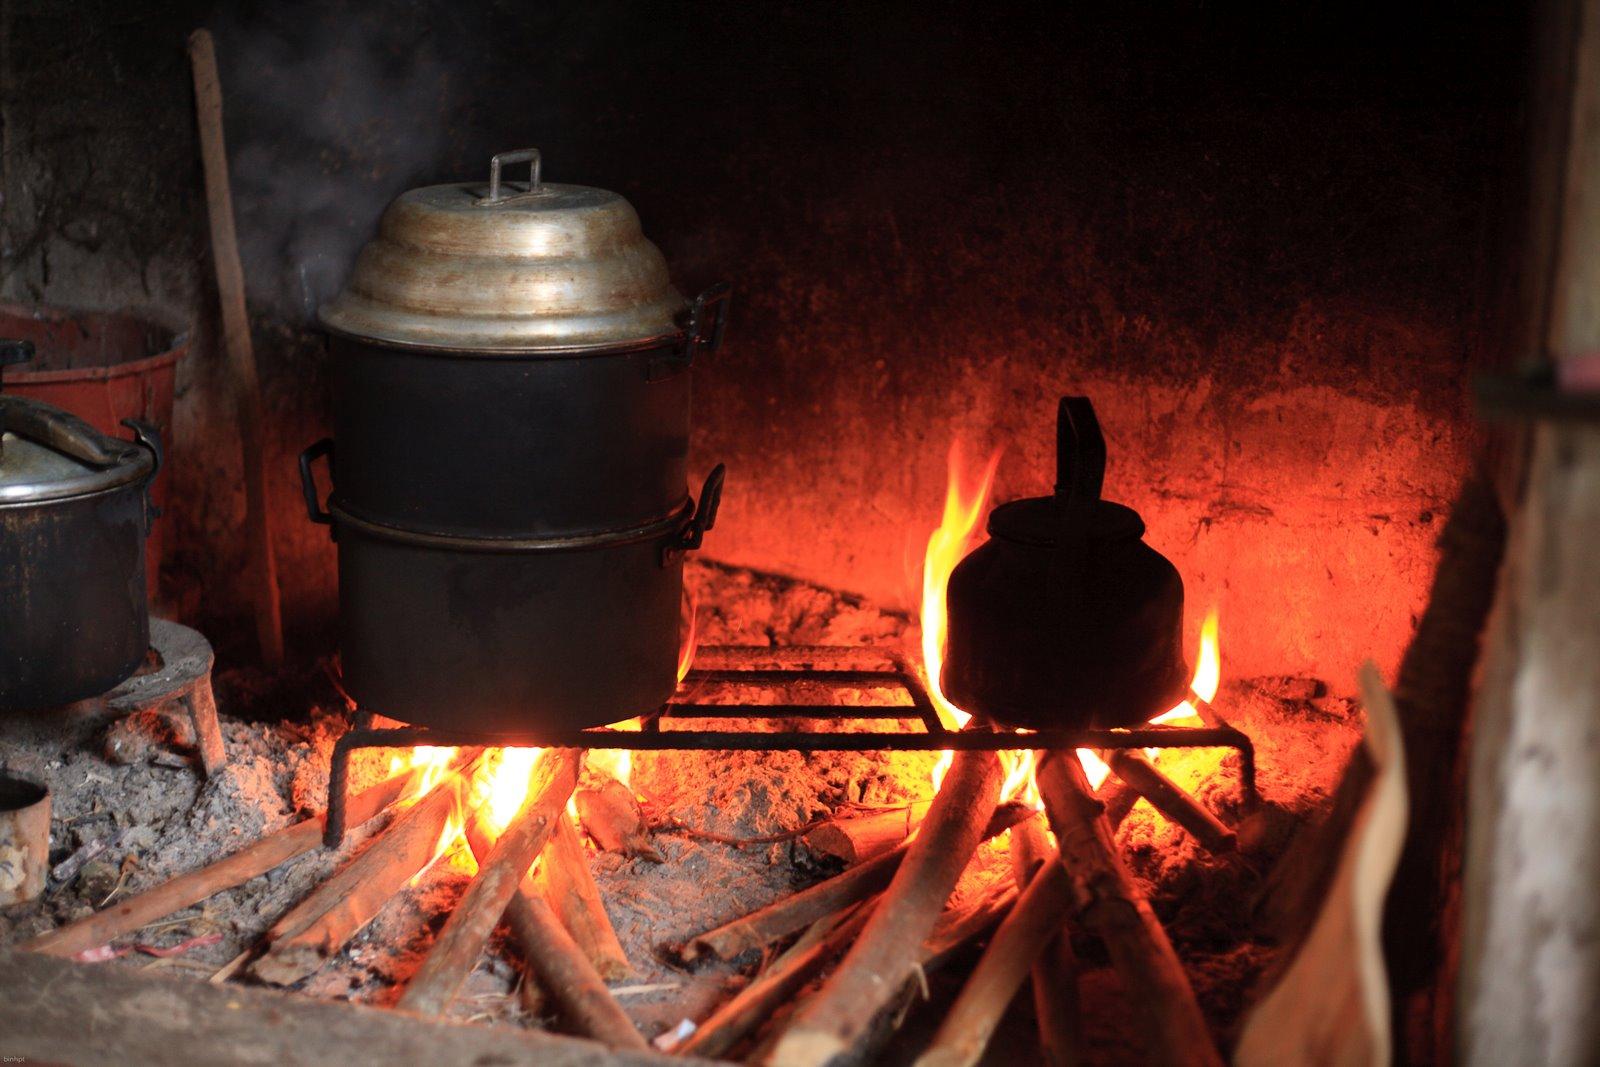 Bên bếp lửa | Tạp chí Quê Hương Online | Ủy ban Nhà nước về người Việt Nam ở nước ngoài